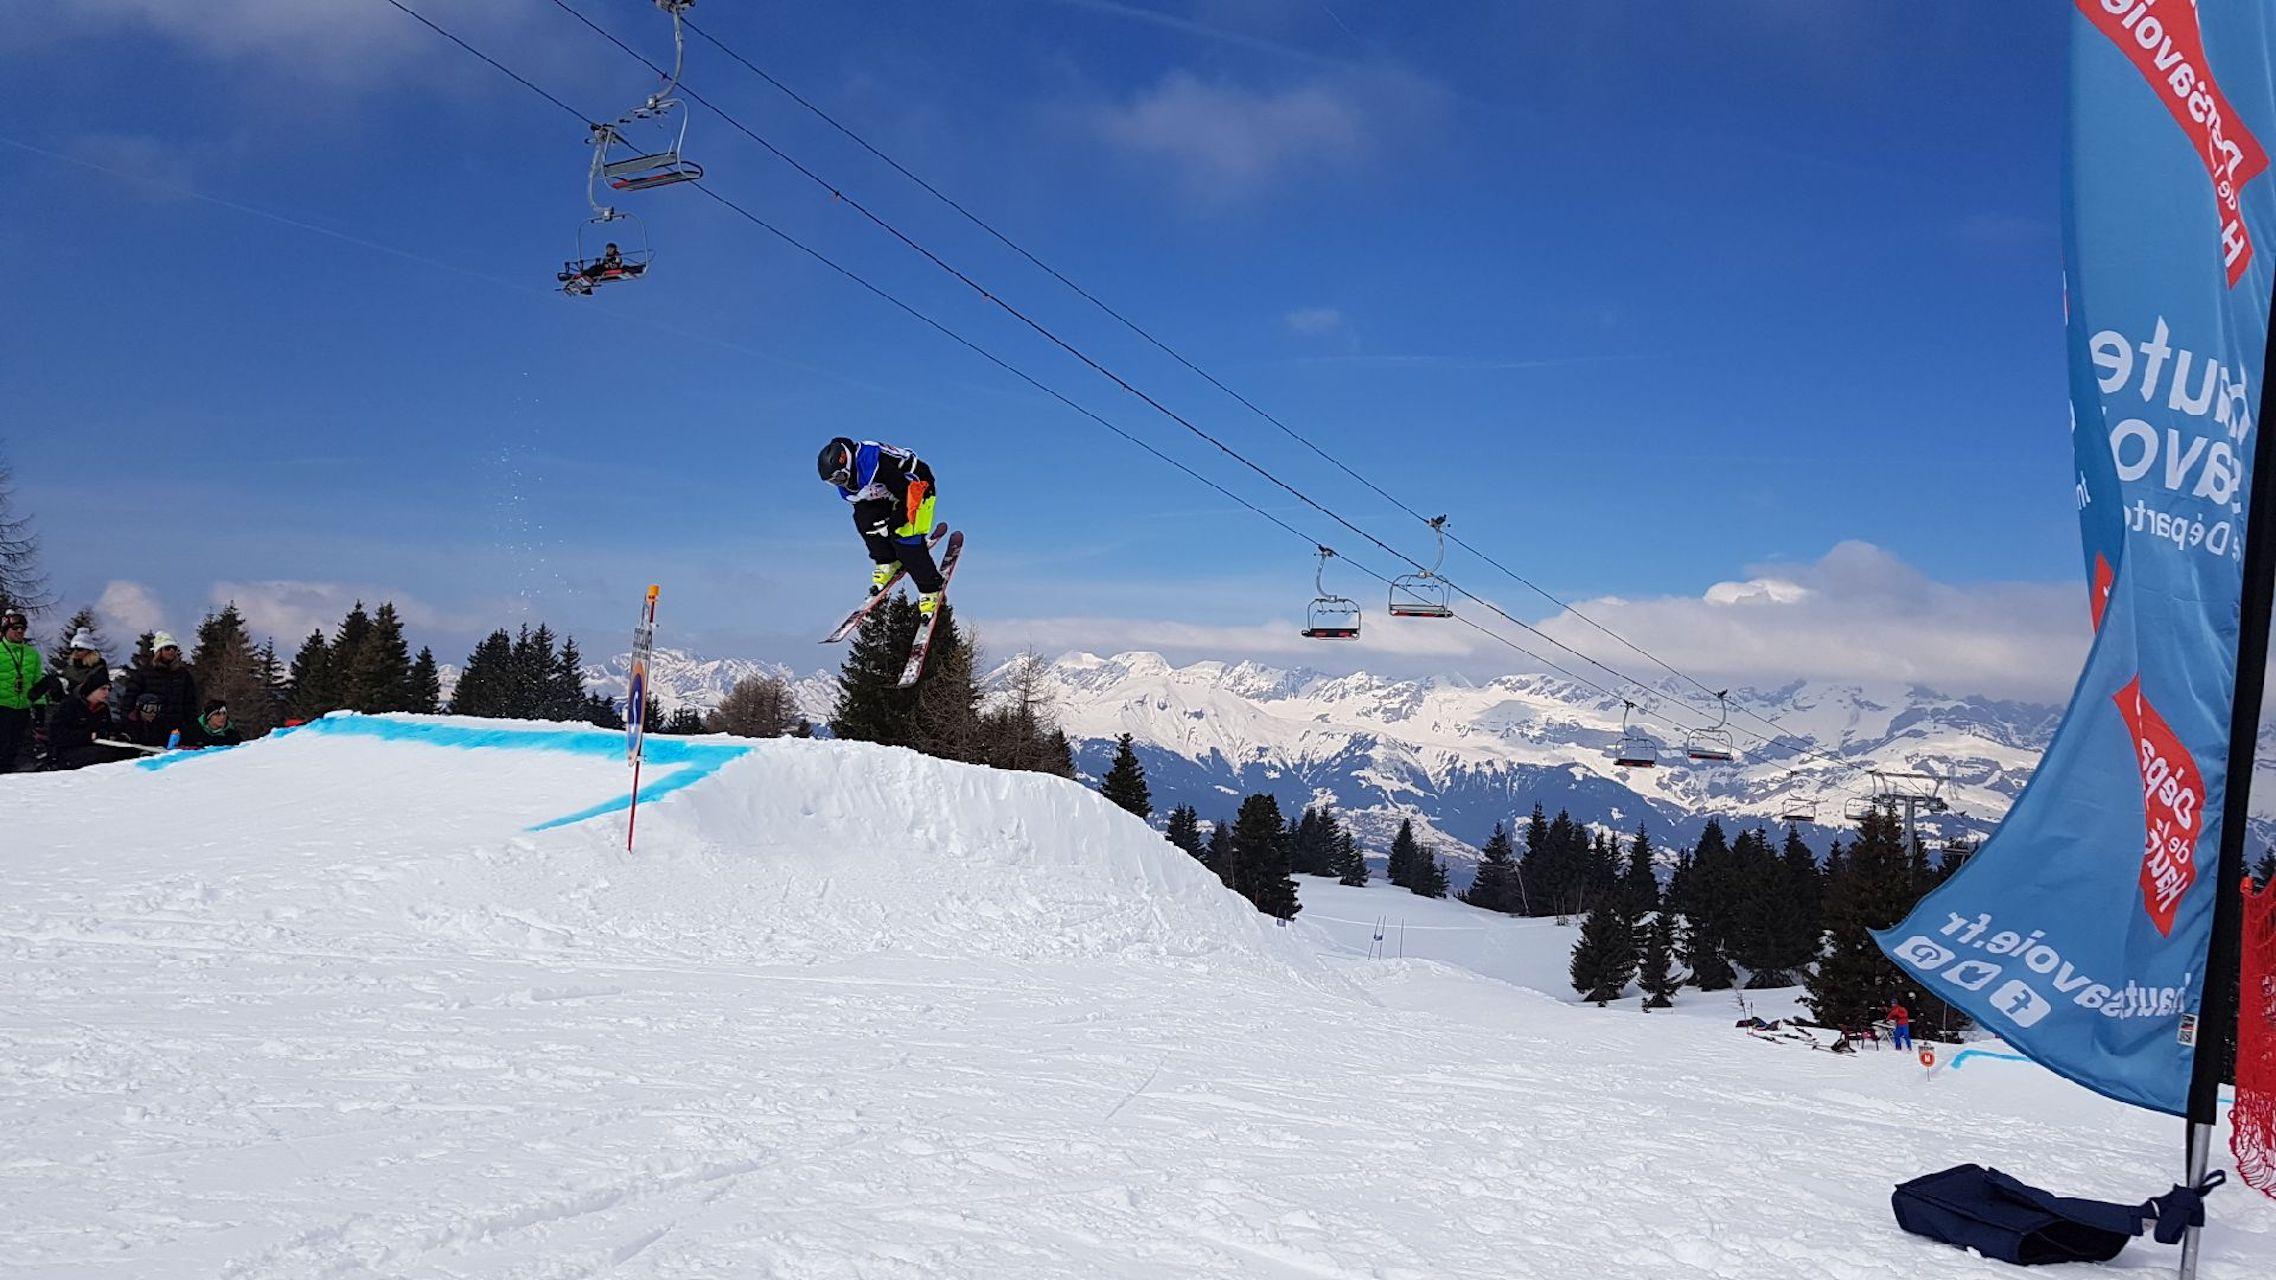 CF Snowboard Alpin Sport Partagé 2018 – Service